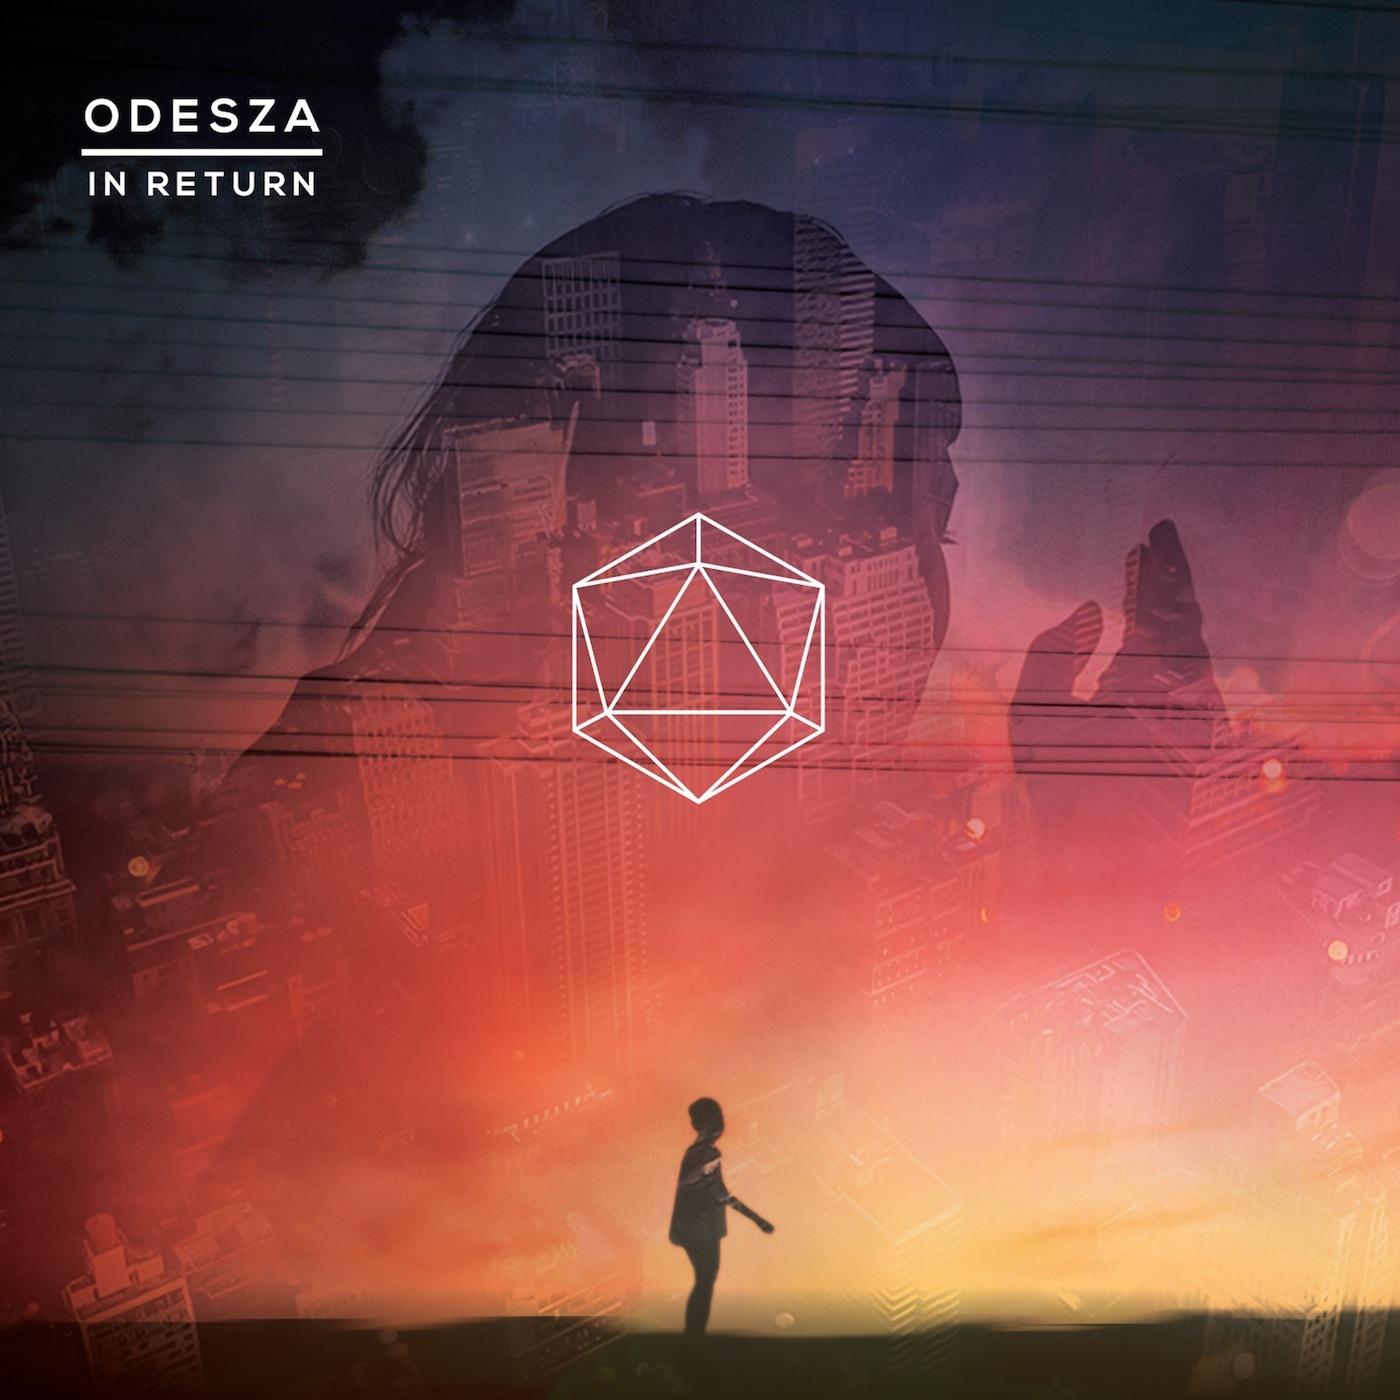 odesza in return cover